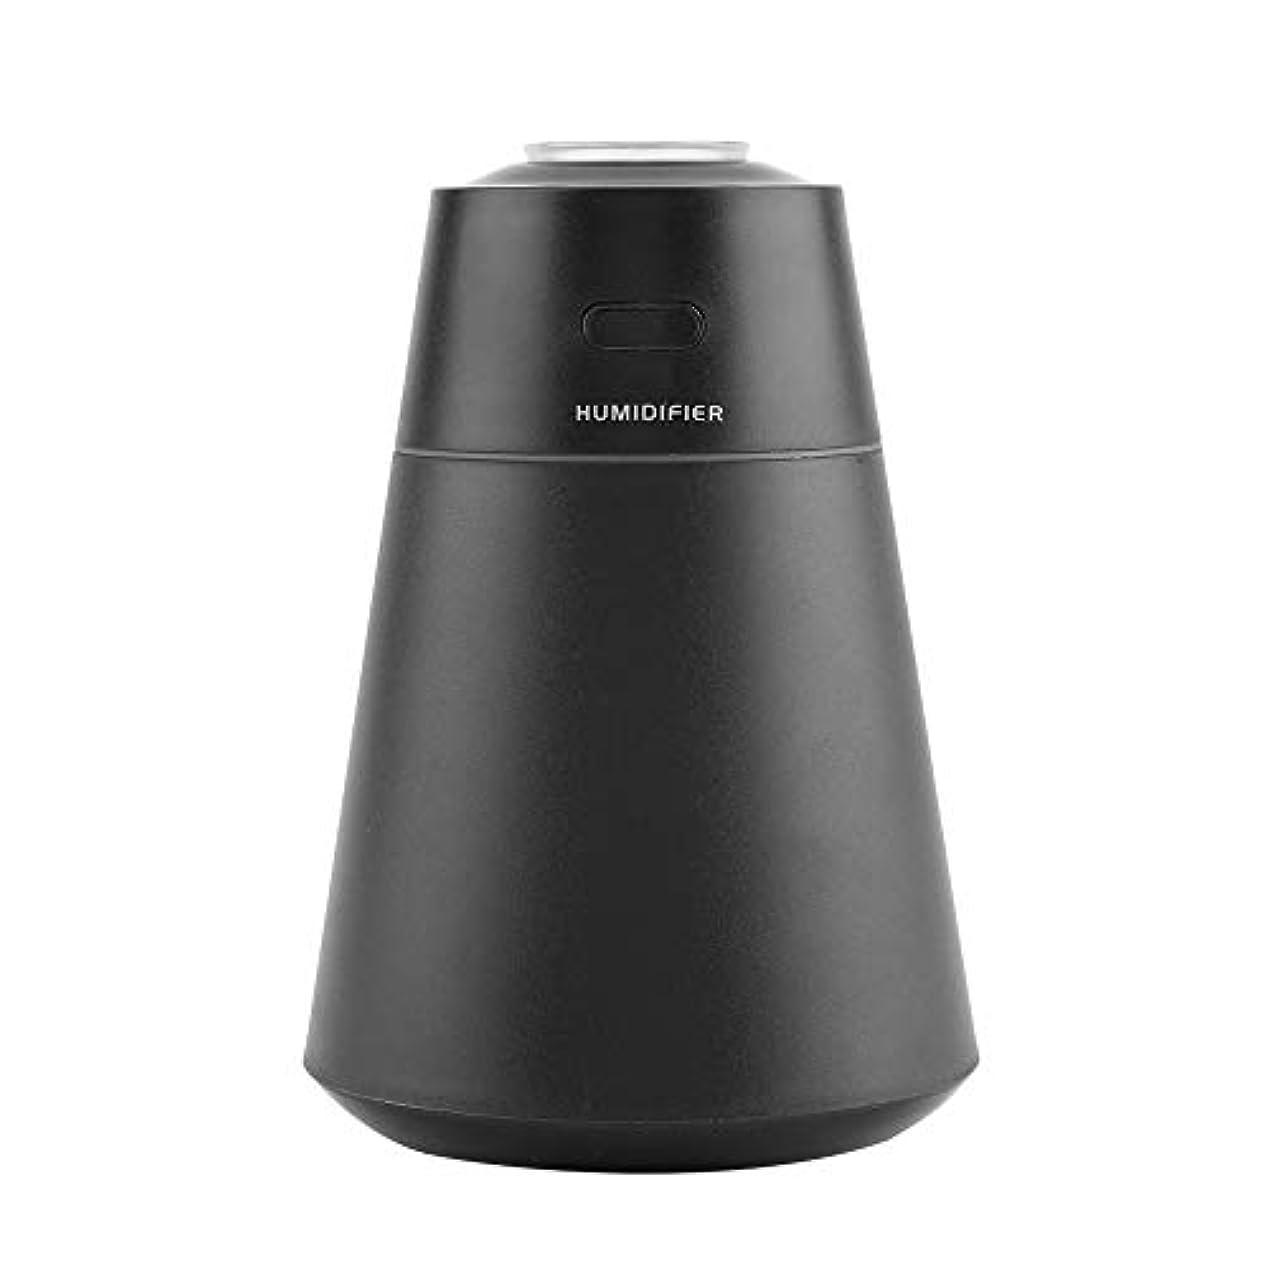 マイコン義務抹消アロマエッセンシャルオイルクールミスト加湿器、USBスーパーミニ超音波加湿器ディフューザー7色ナイトライトクールミスト加湿器(黒)